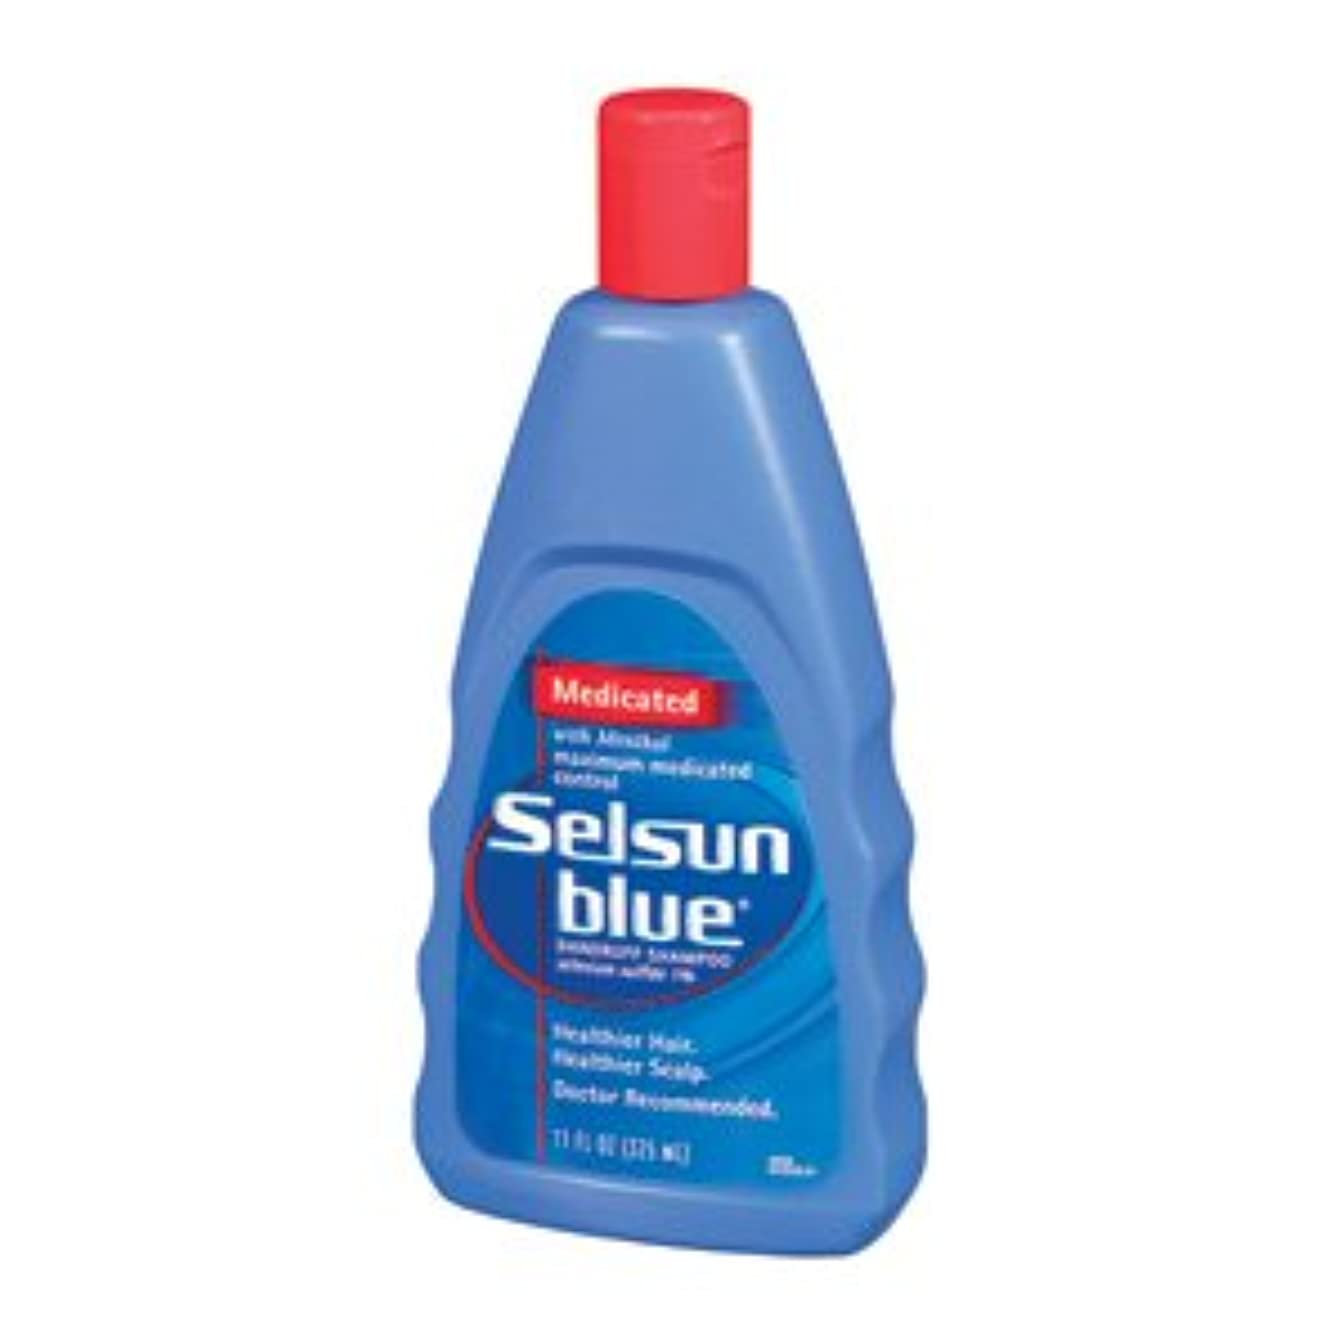 圧縮する着替える有効なセルサンブルー Selsun Blue ふけ用薬用シャンプー312ml(海外直送品)